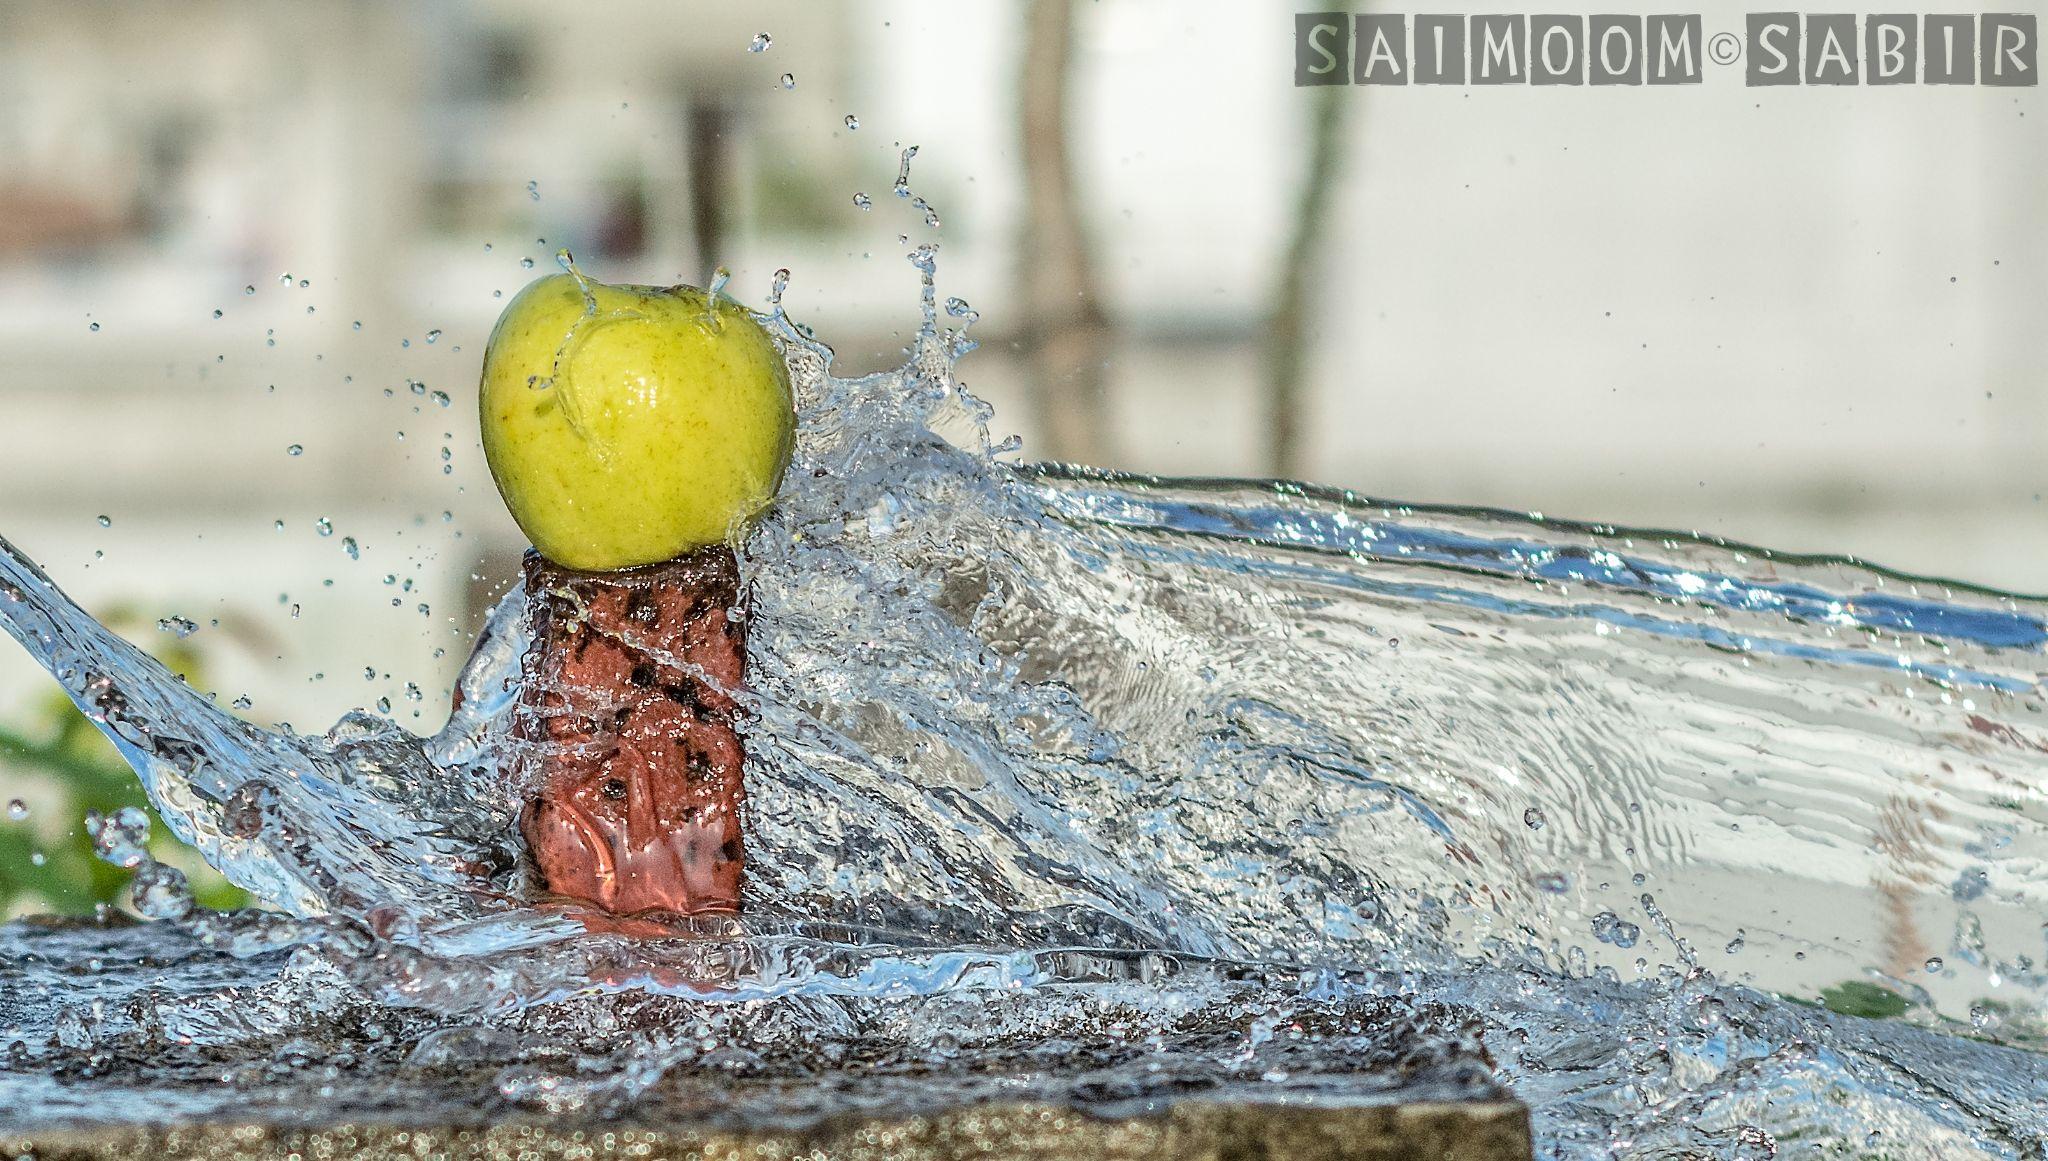 Apple Flood by SaimoomSabir